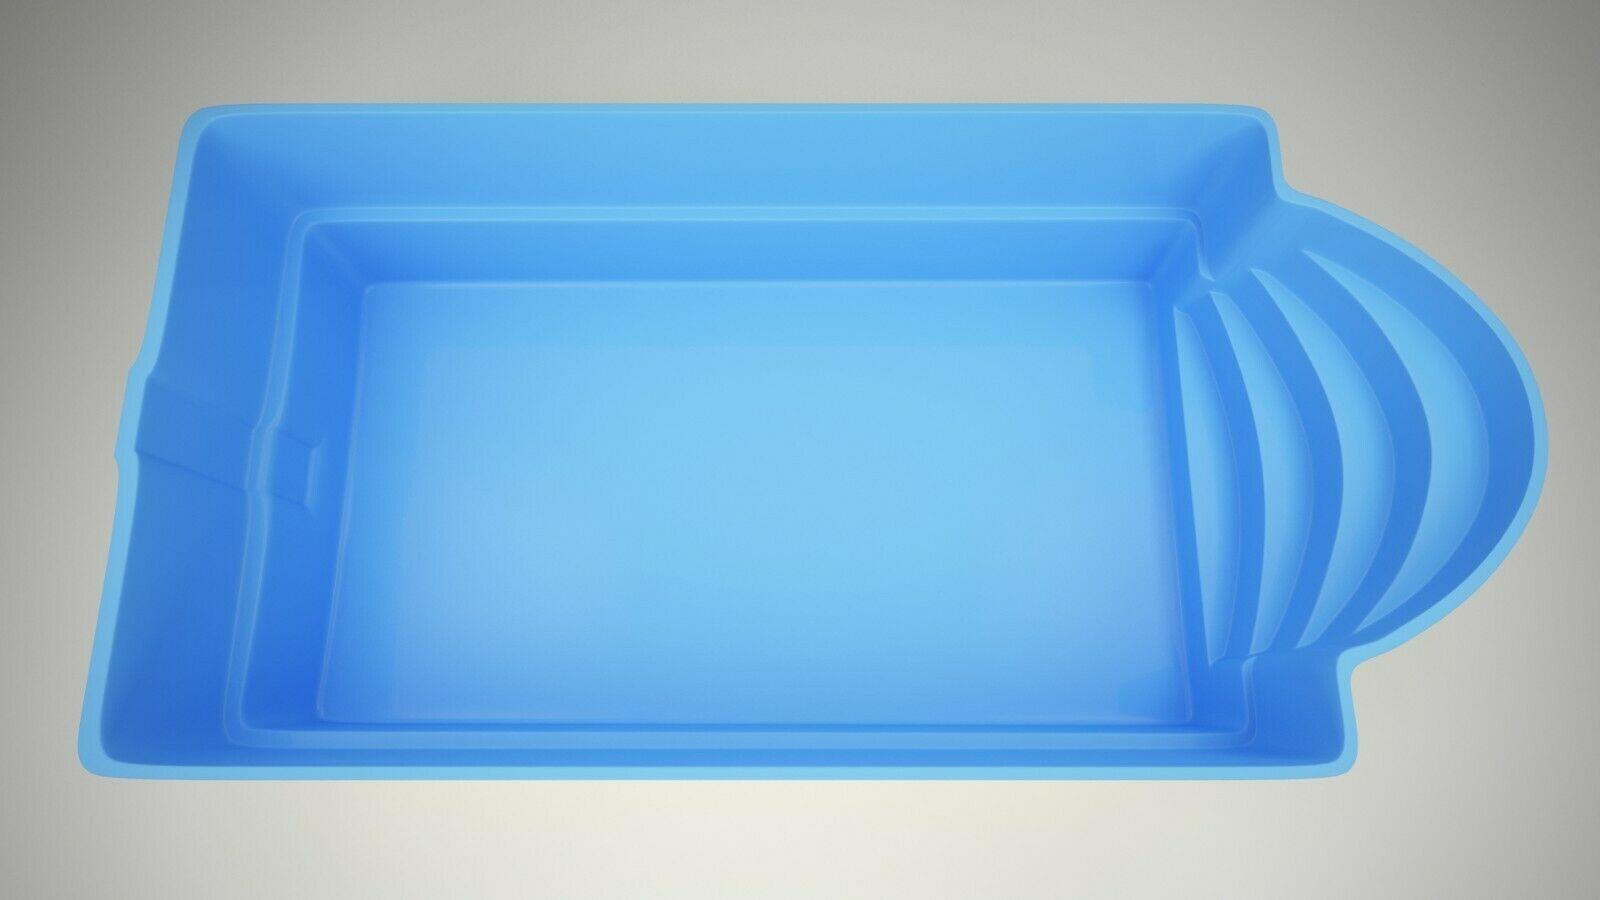 Full Size of Gfk Pool Rund Schwimmbecken 6 3 1 Esstisch Mit Stühlen Schwimmingpool Für Den Garten Runde Esstische Fenster Im Bauen Rundreise Und Baden Mexiko Marokko Wohnzimmer Gfk Pool Rund